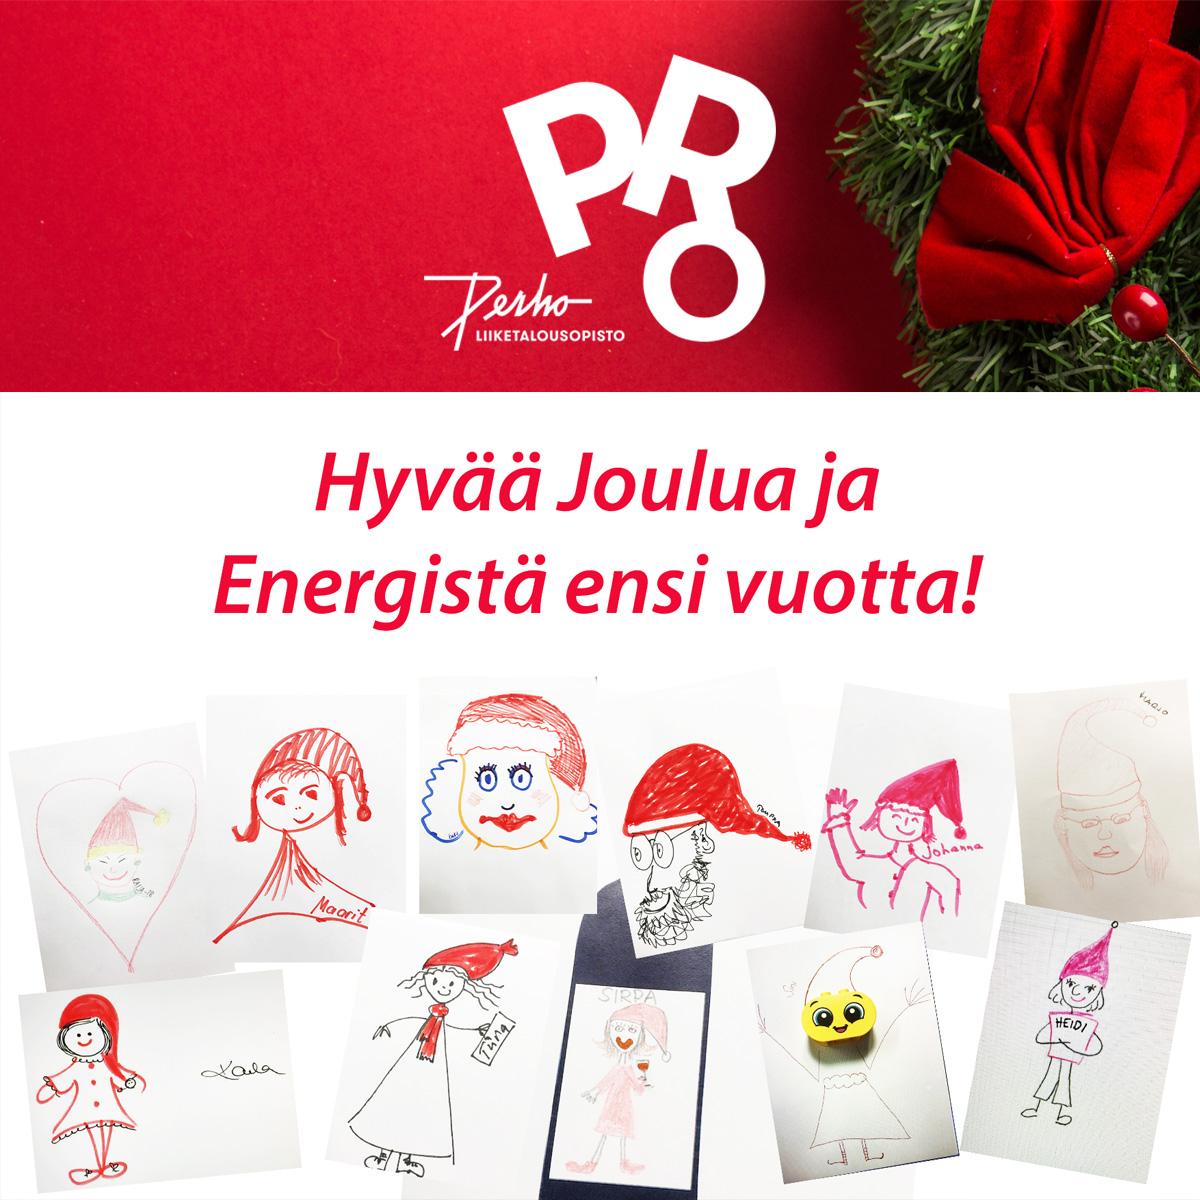 Hyvää joulua ja energistä uutta pro-vuotta!